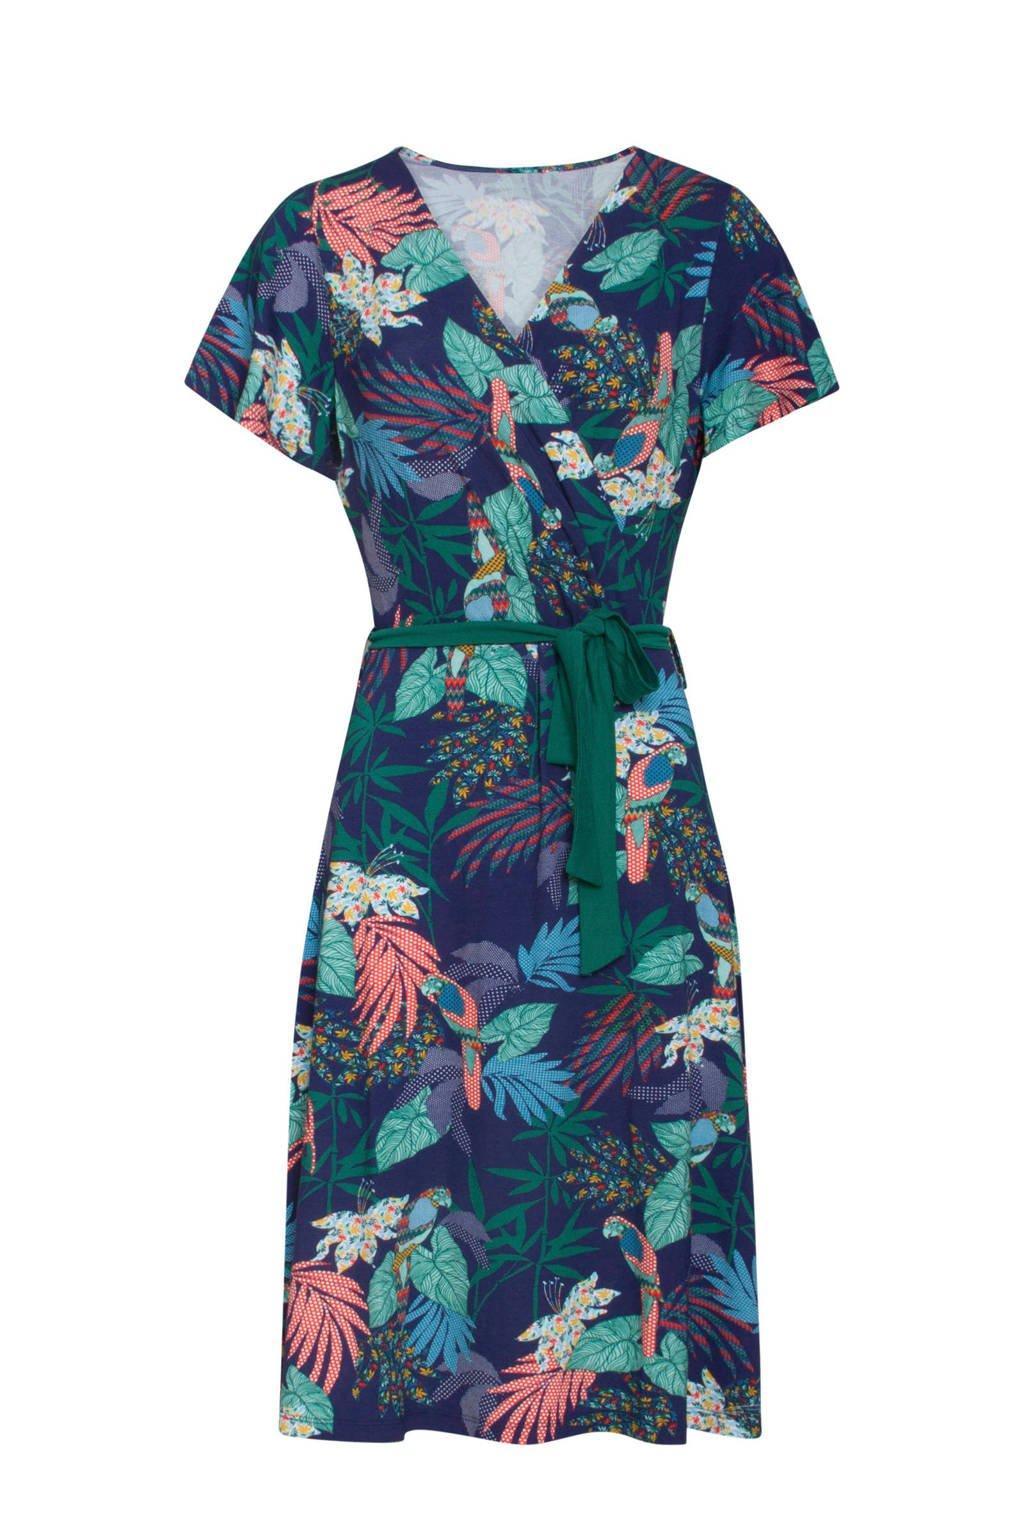 Smashed Lemon jurk met all over print en overslagkraag, Donkerblauw/rood/groen